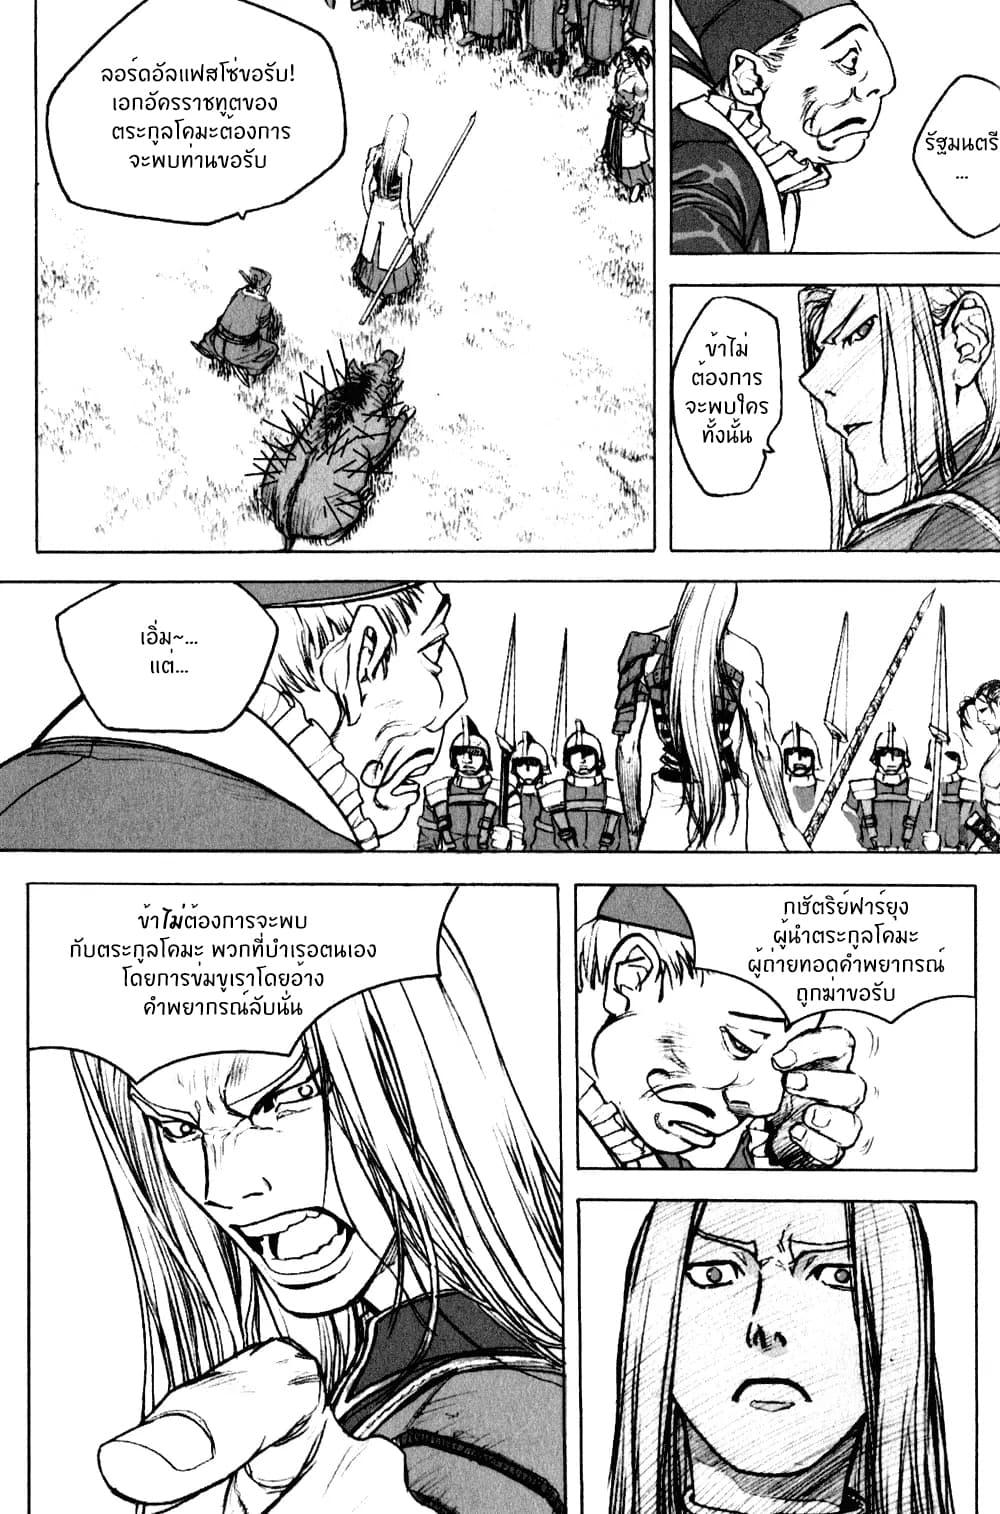 อ่านการ์ตูน Chunchu The Genocide Fiend ตอนที่ 3 หน้าที่ 14